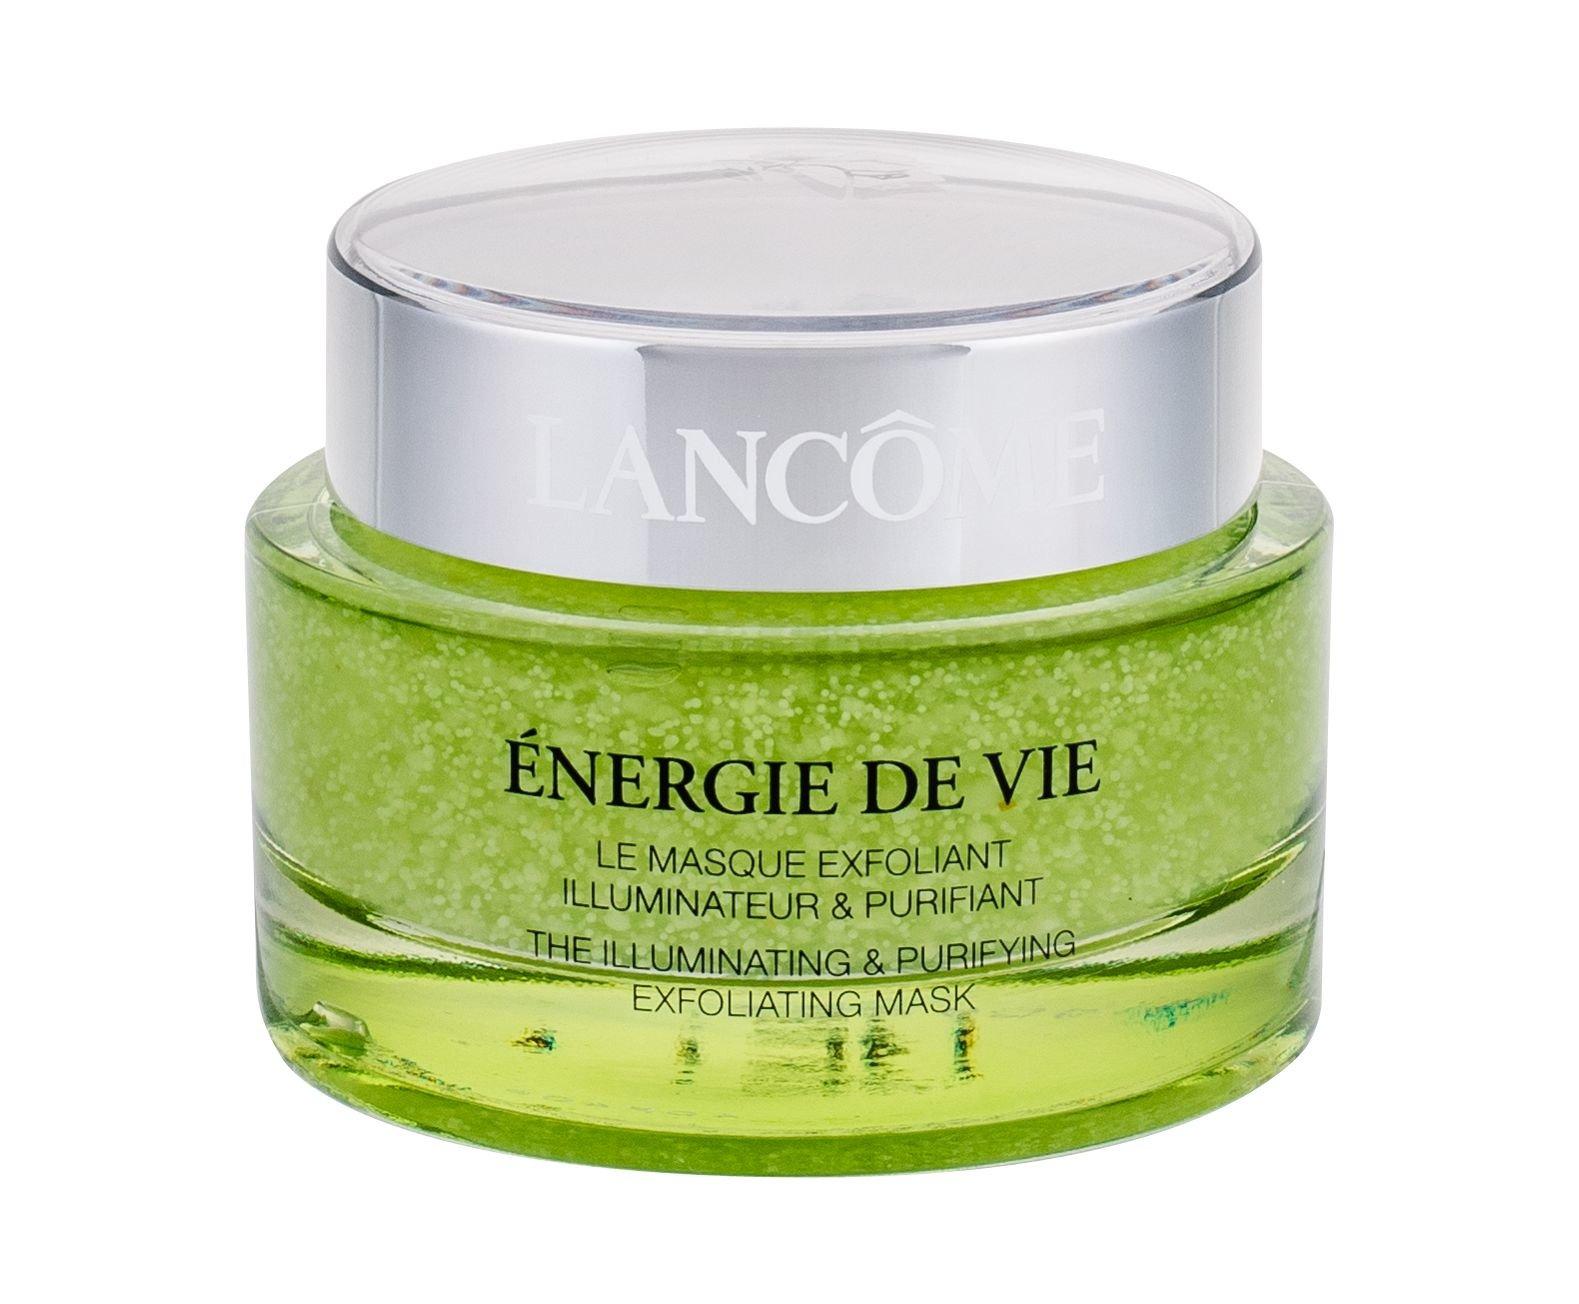 Lancôme Énergie De Vie Face Mask 75ml  Exfoliating Mask